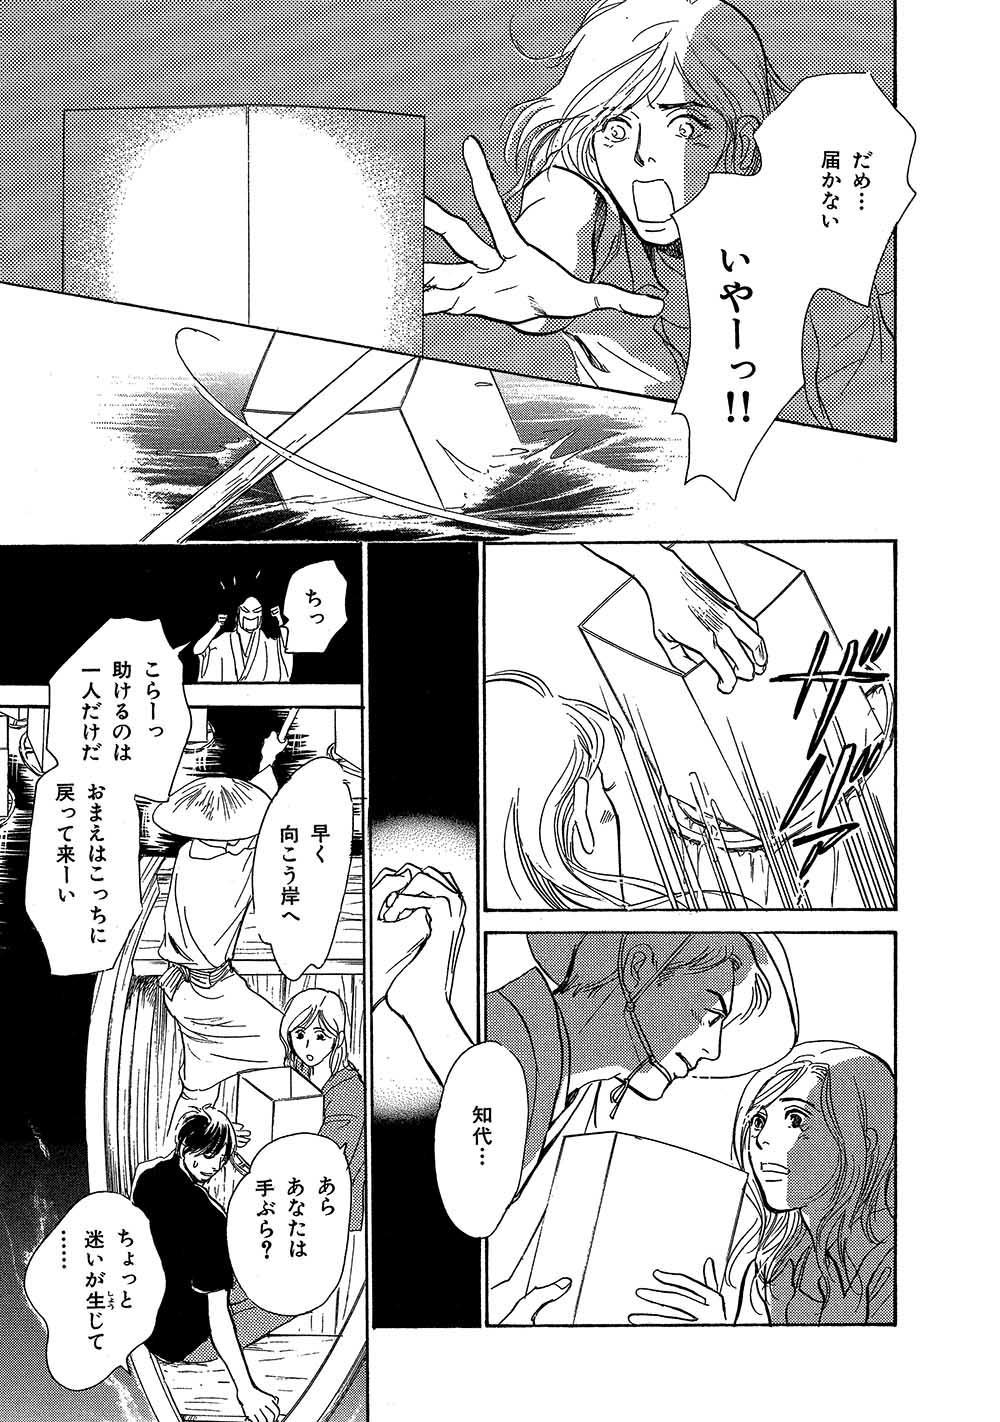 hyakki_0016_0099.jpg